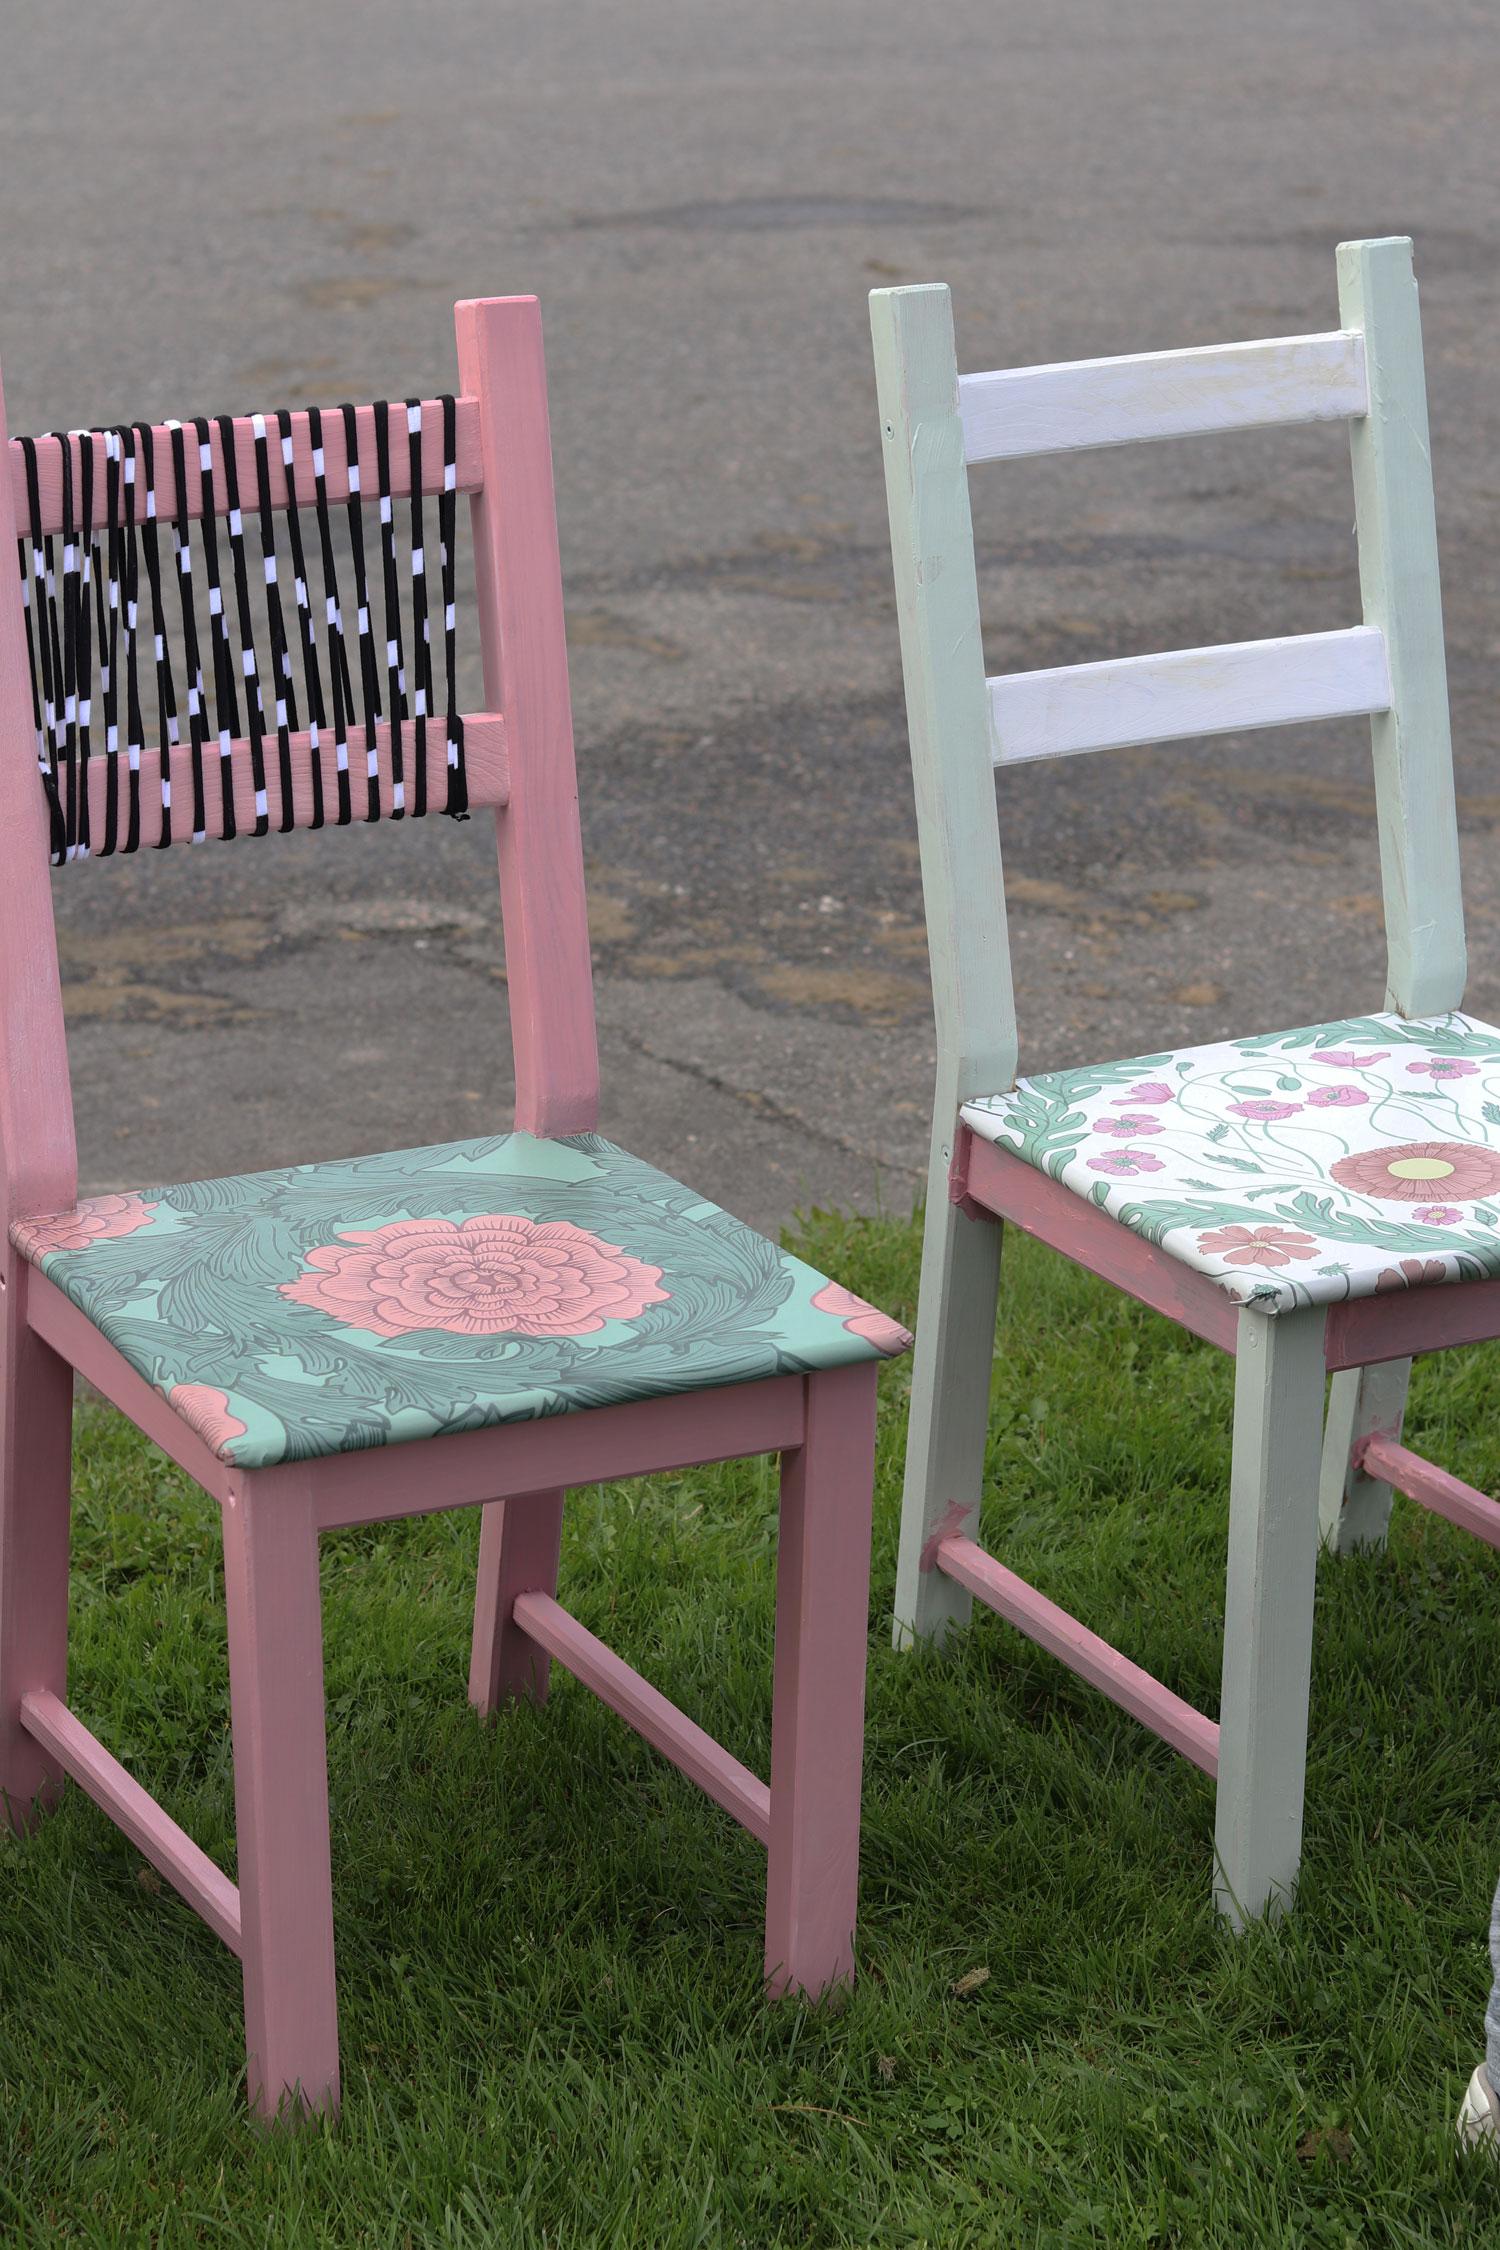 kreativa-karin-stolar-blomstermåla-midbec-tapeter